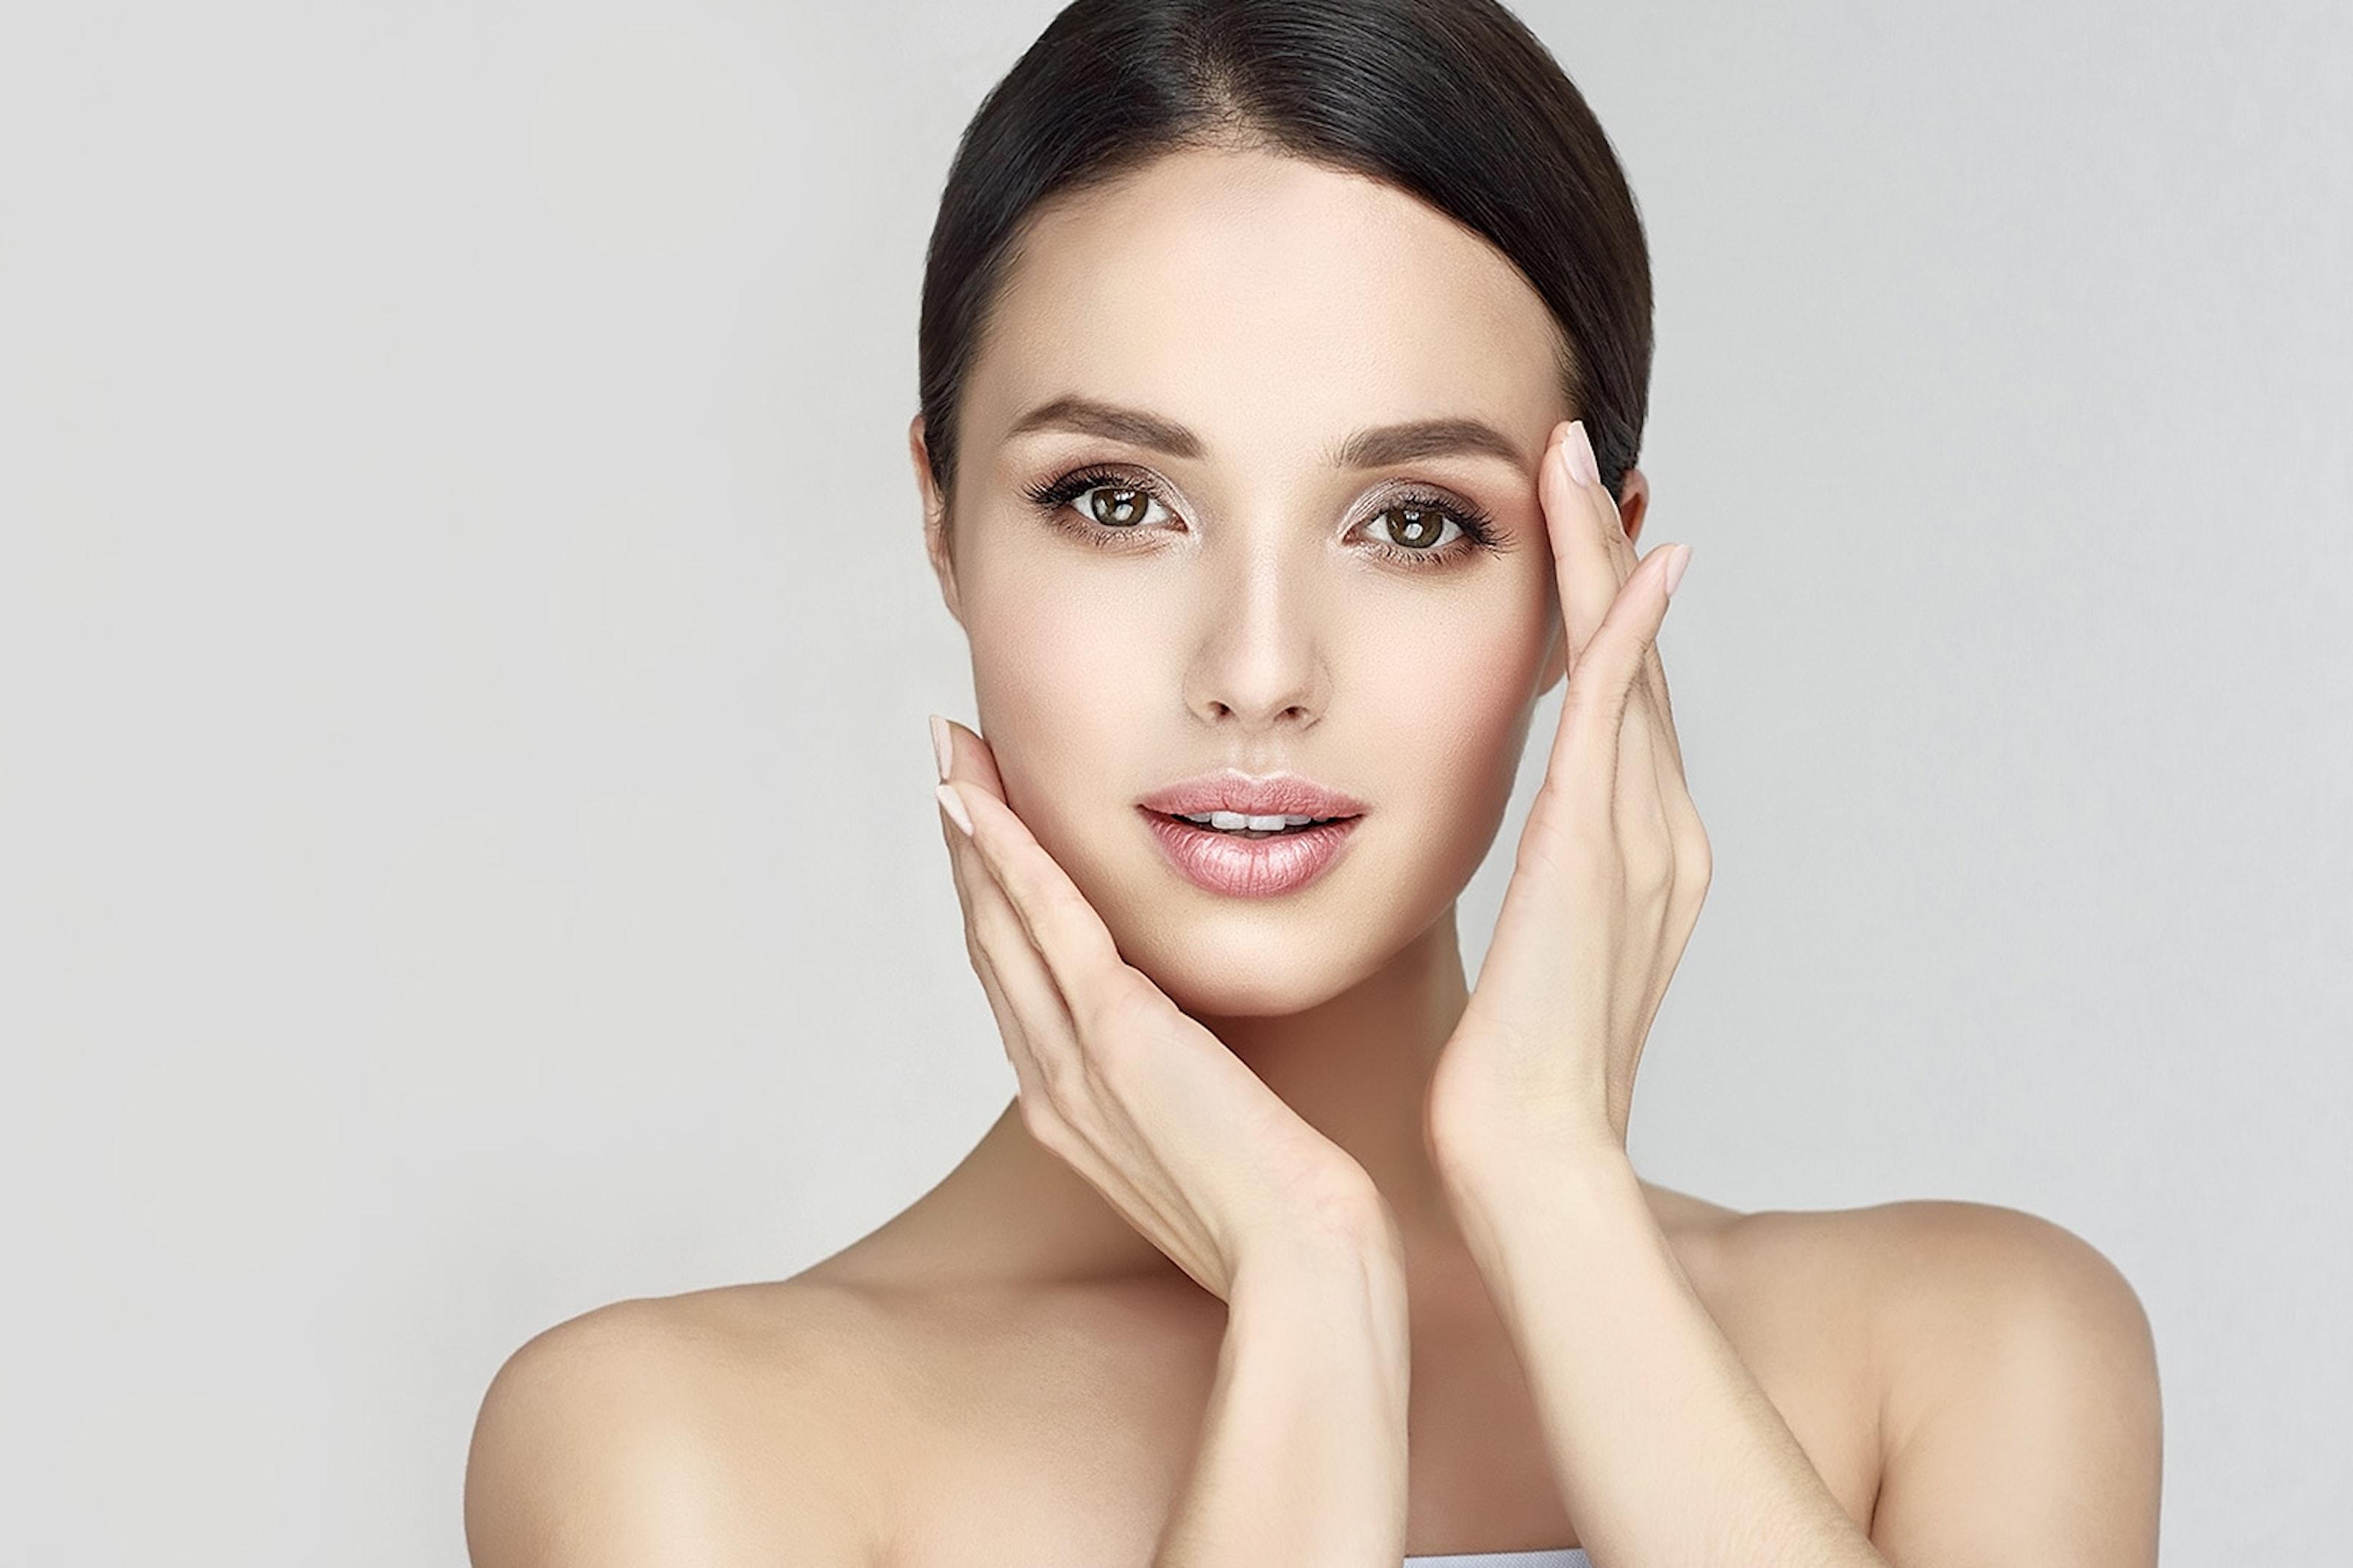 Få fantastisk hud hos Lips & Wrinkles